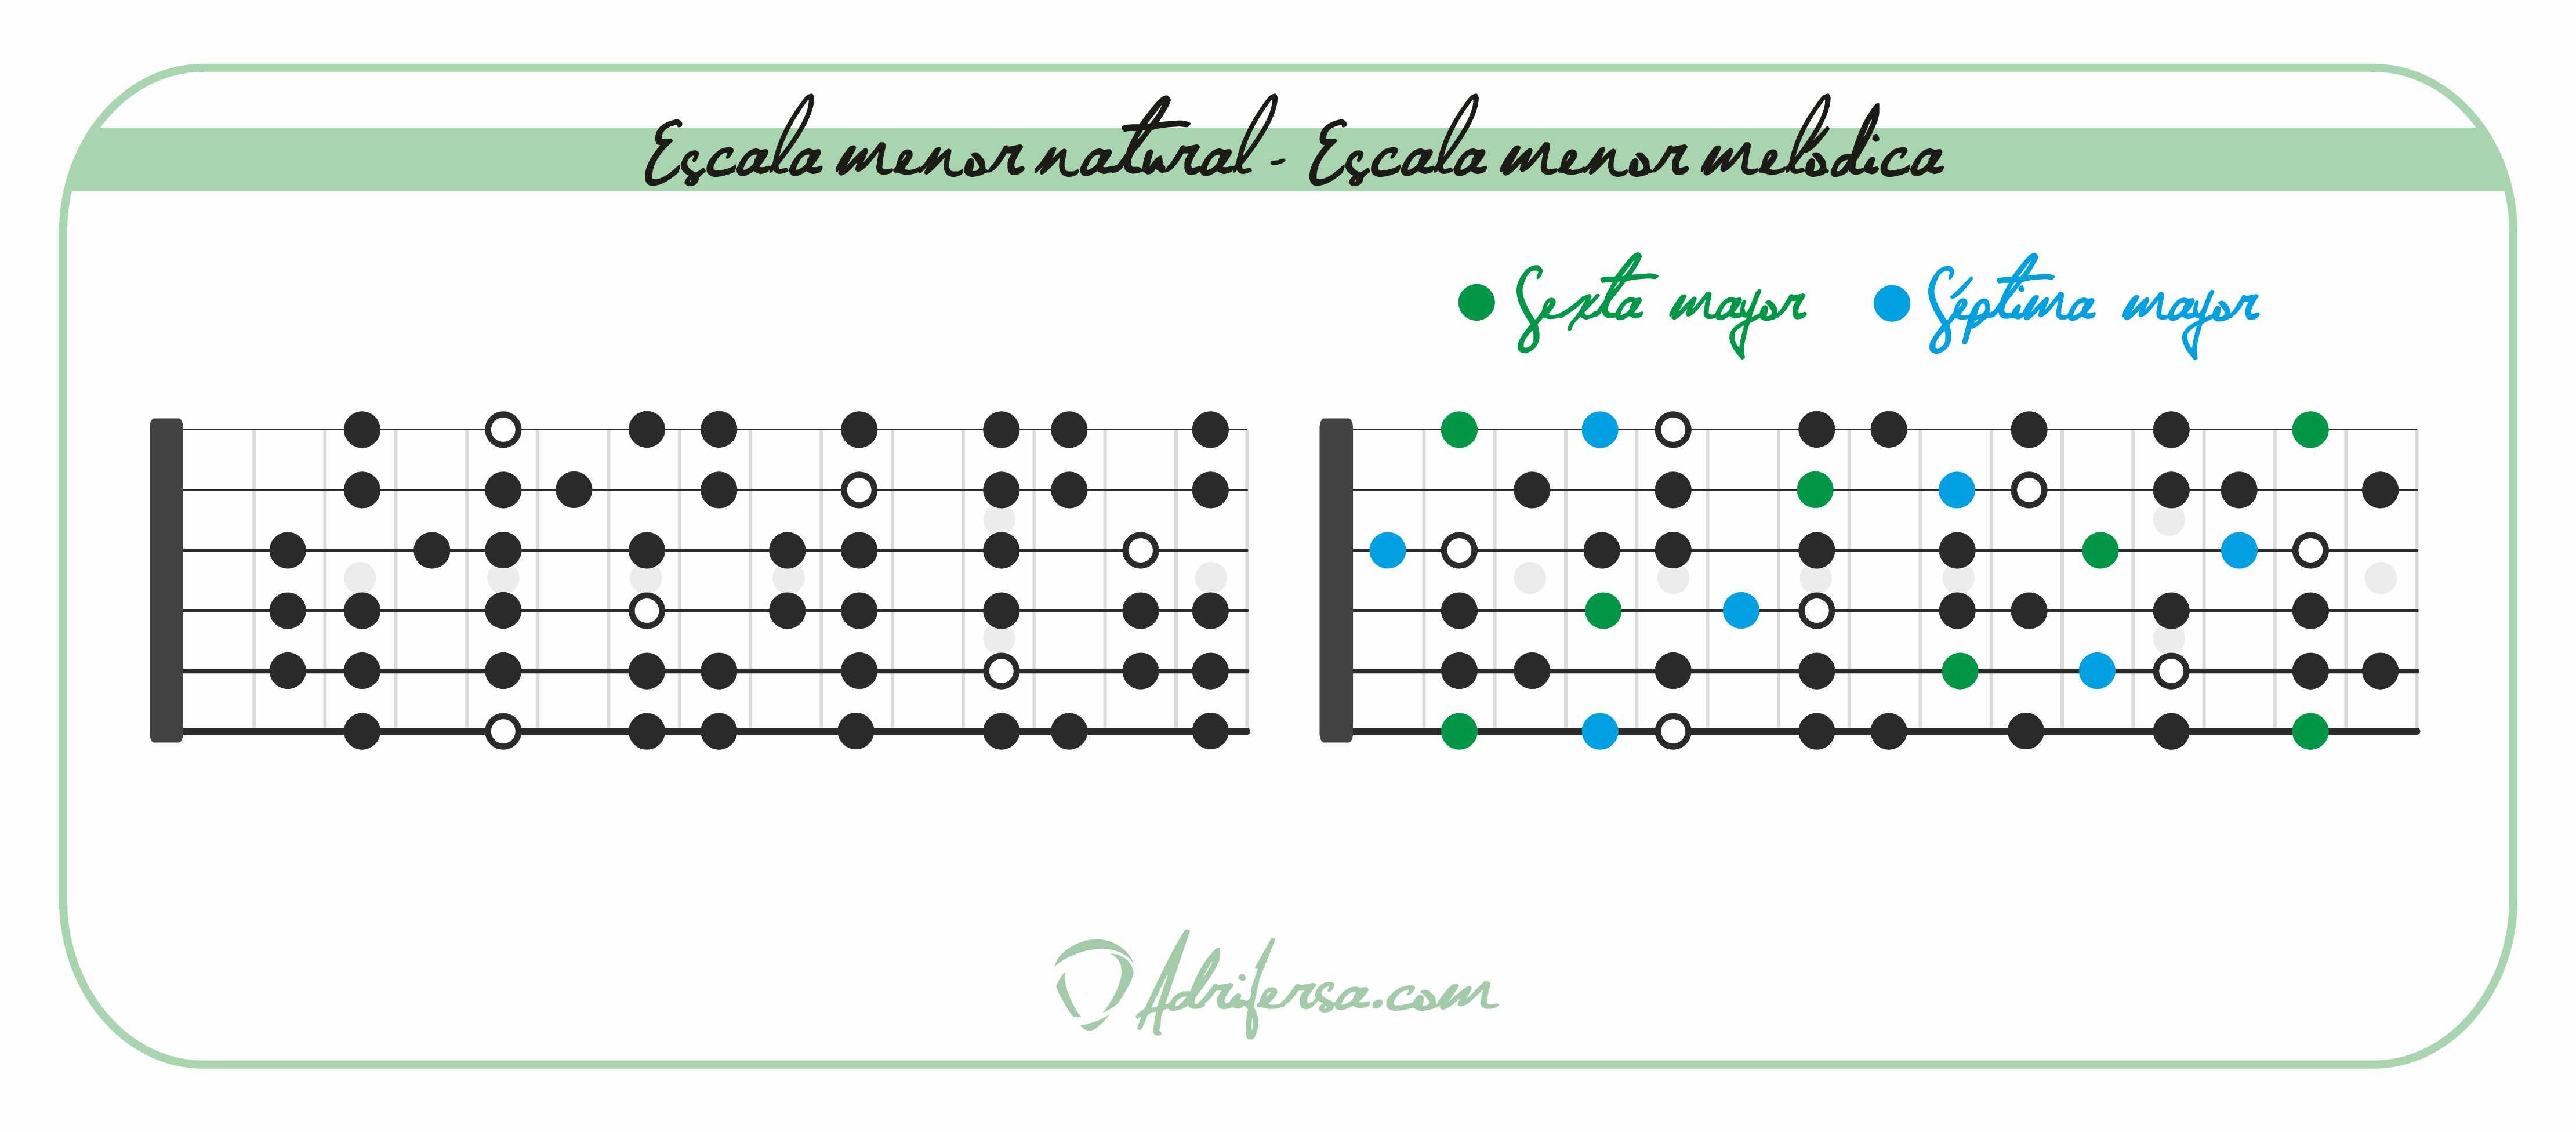 diferencias entre la escala menor natural y menor melódica